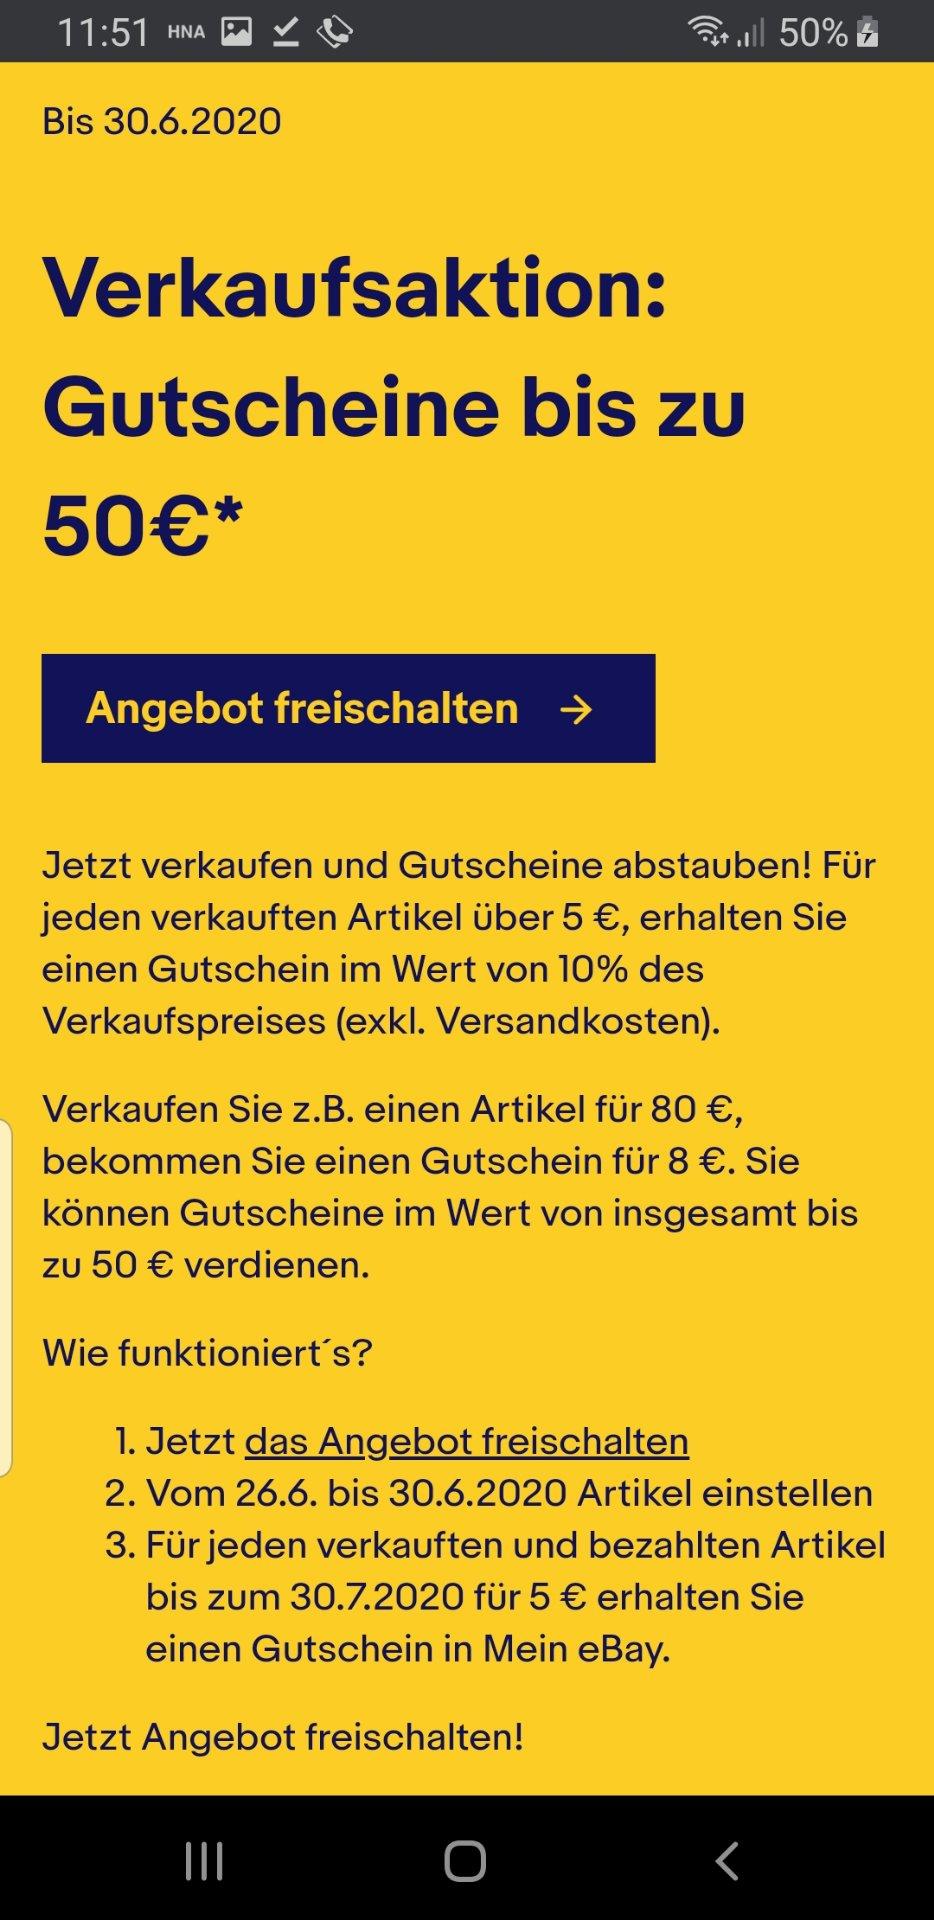 eBay: Bis zu 50€ als Gutschein zurückbekommen (Verkaufsaktion für Berechtigte)